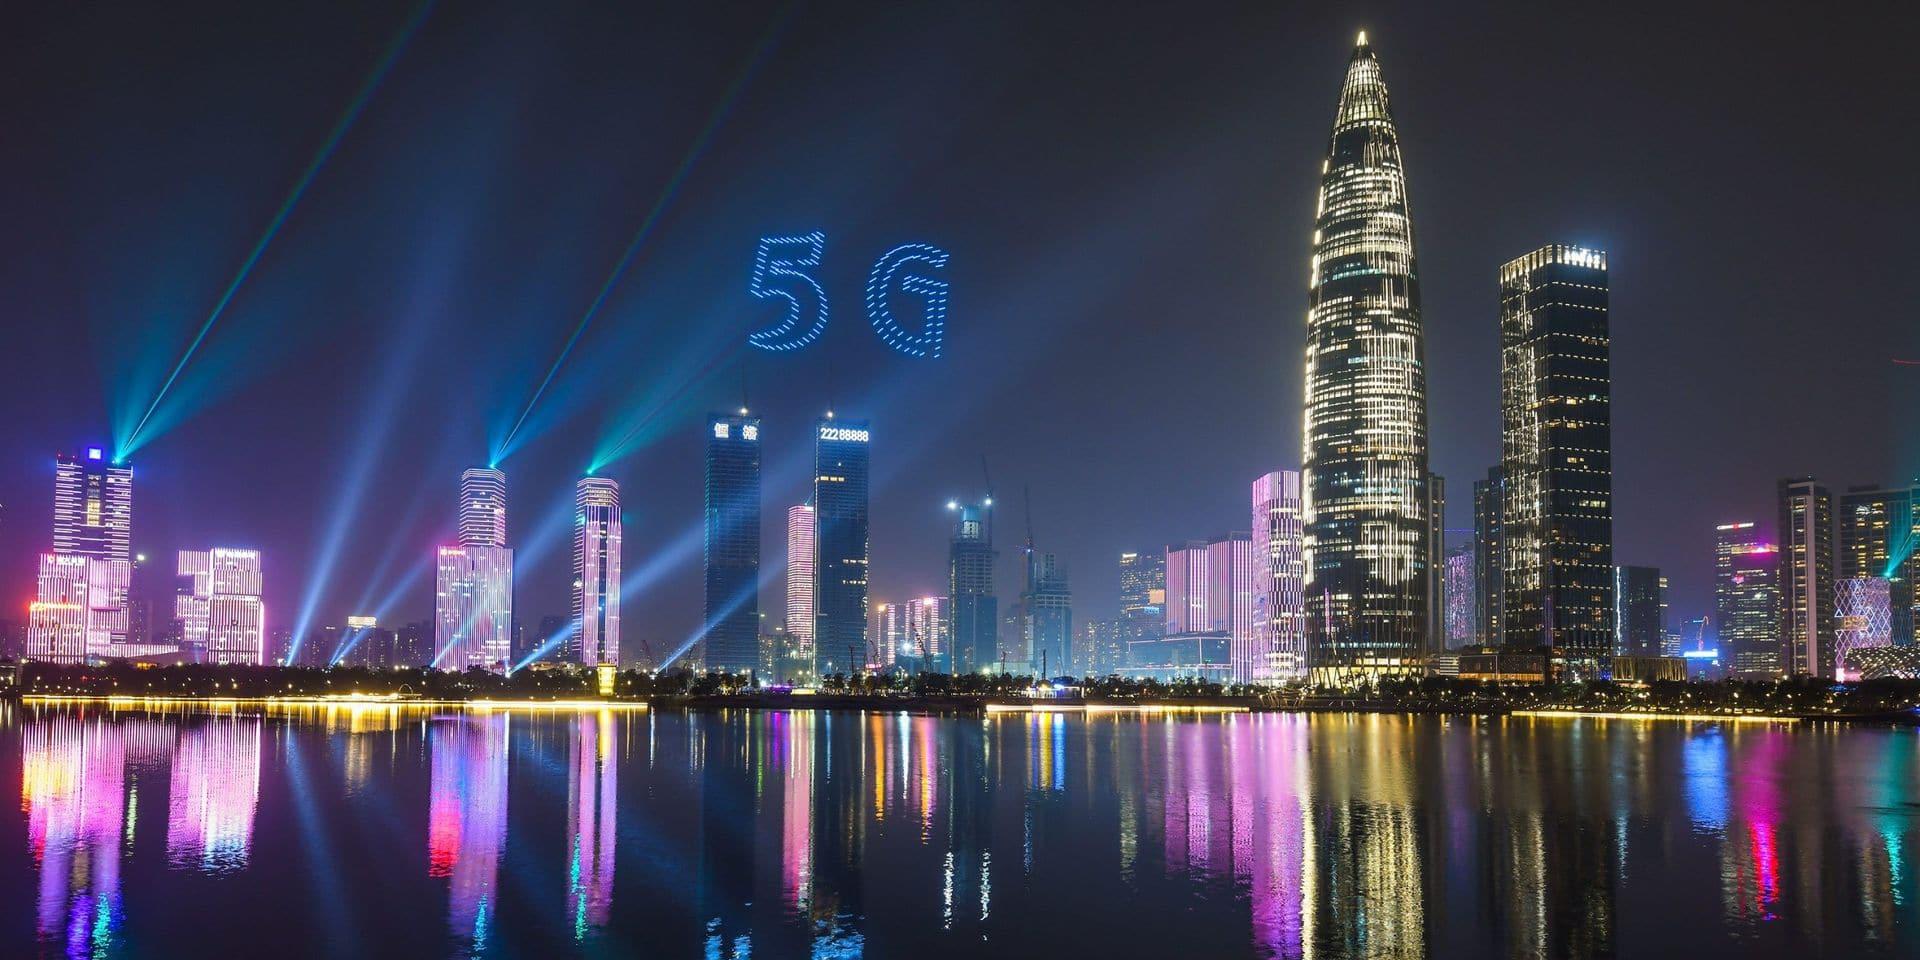 5G, une course effrénée pour dominer le monde